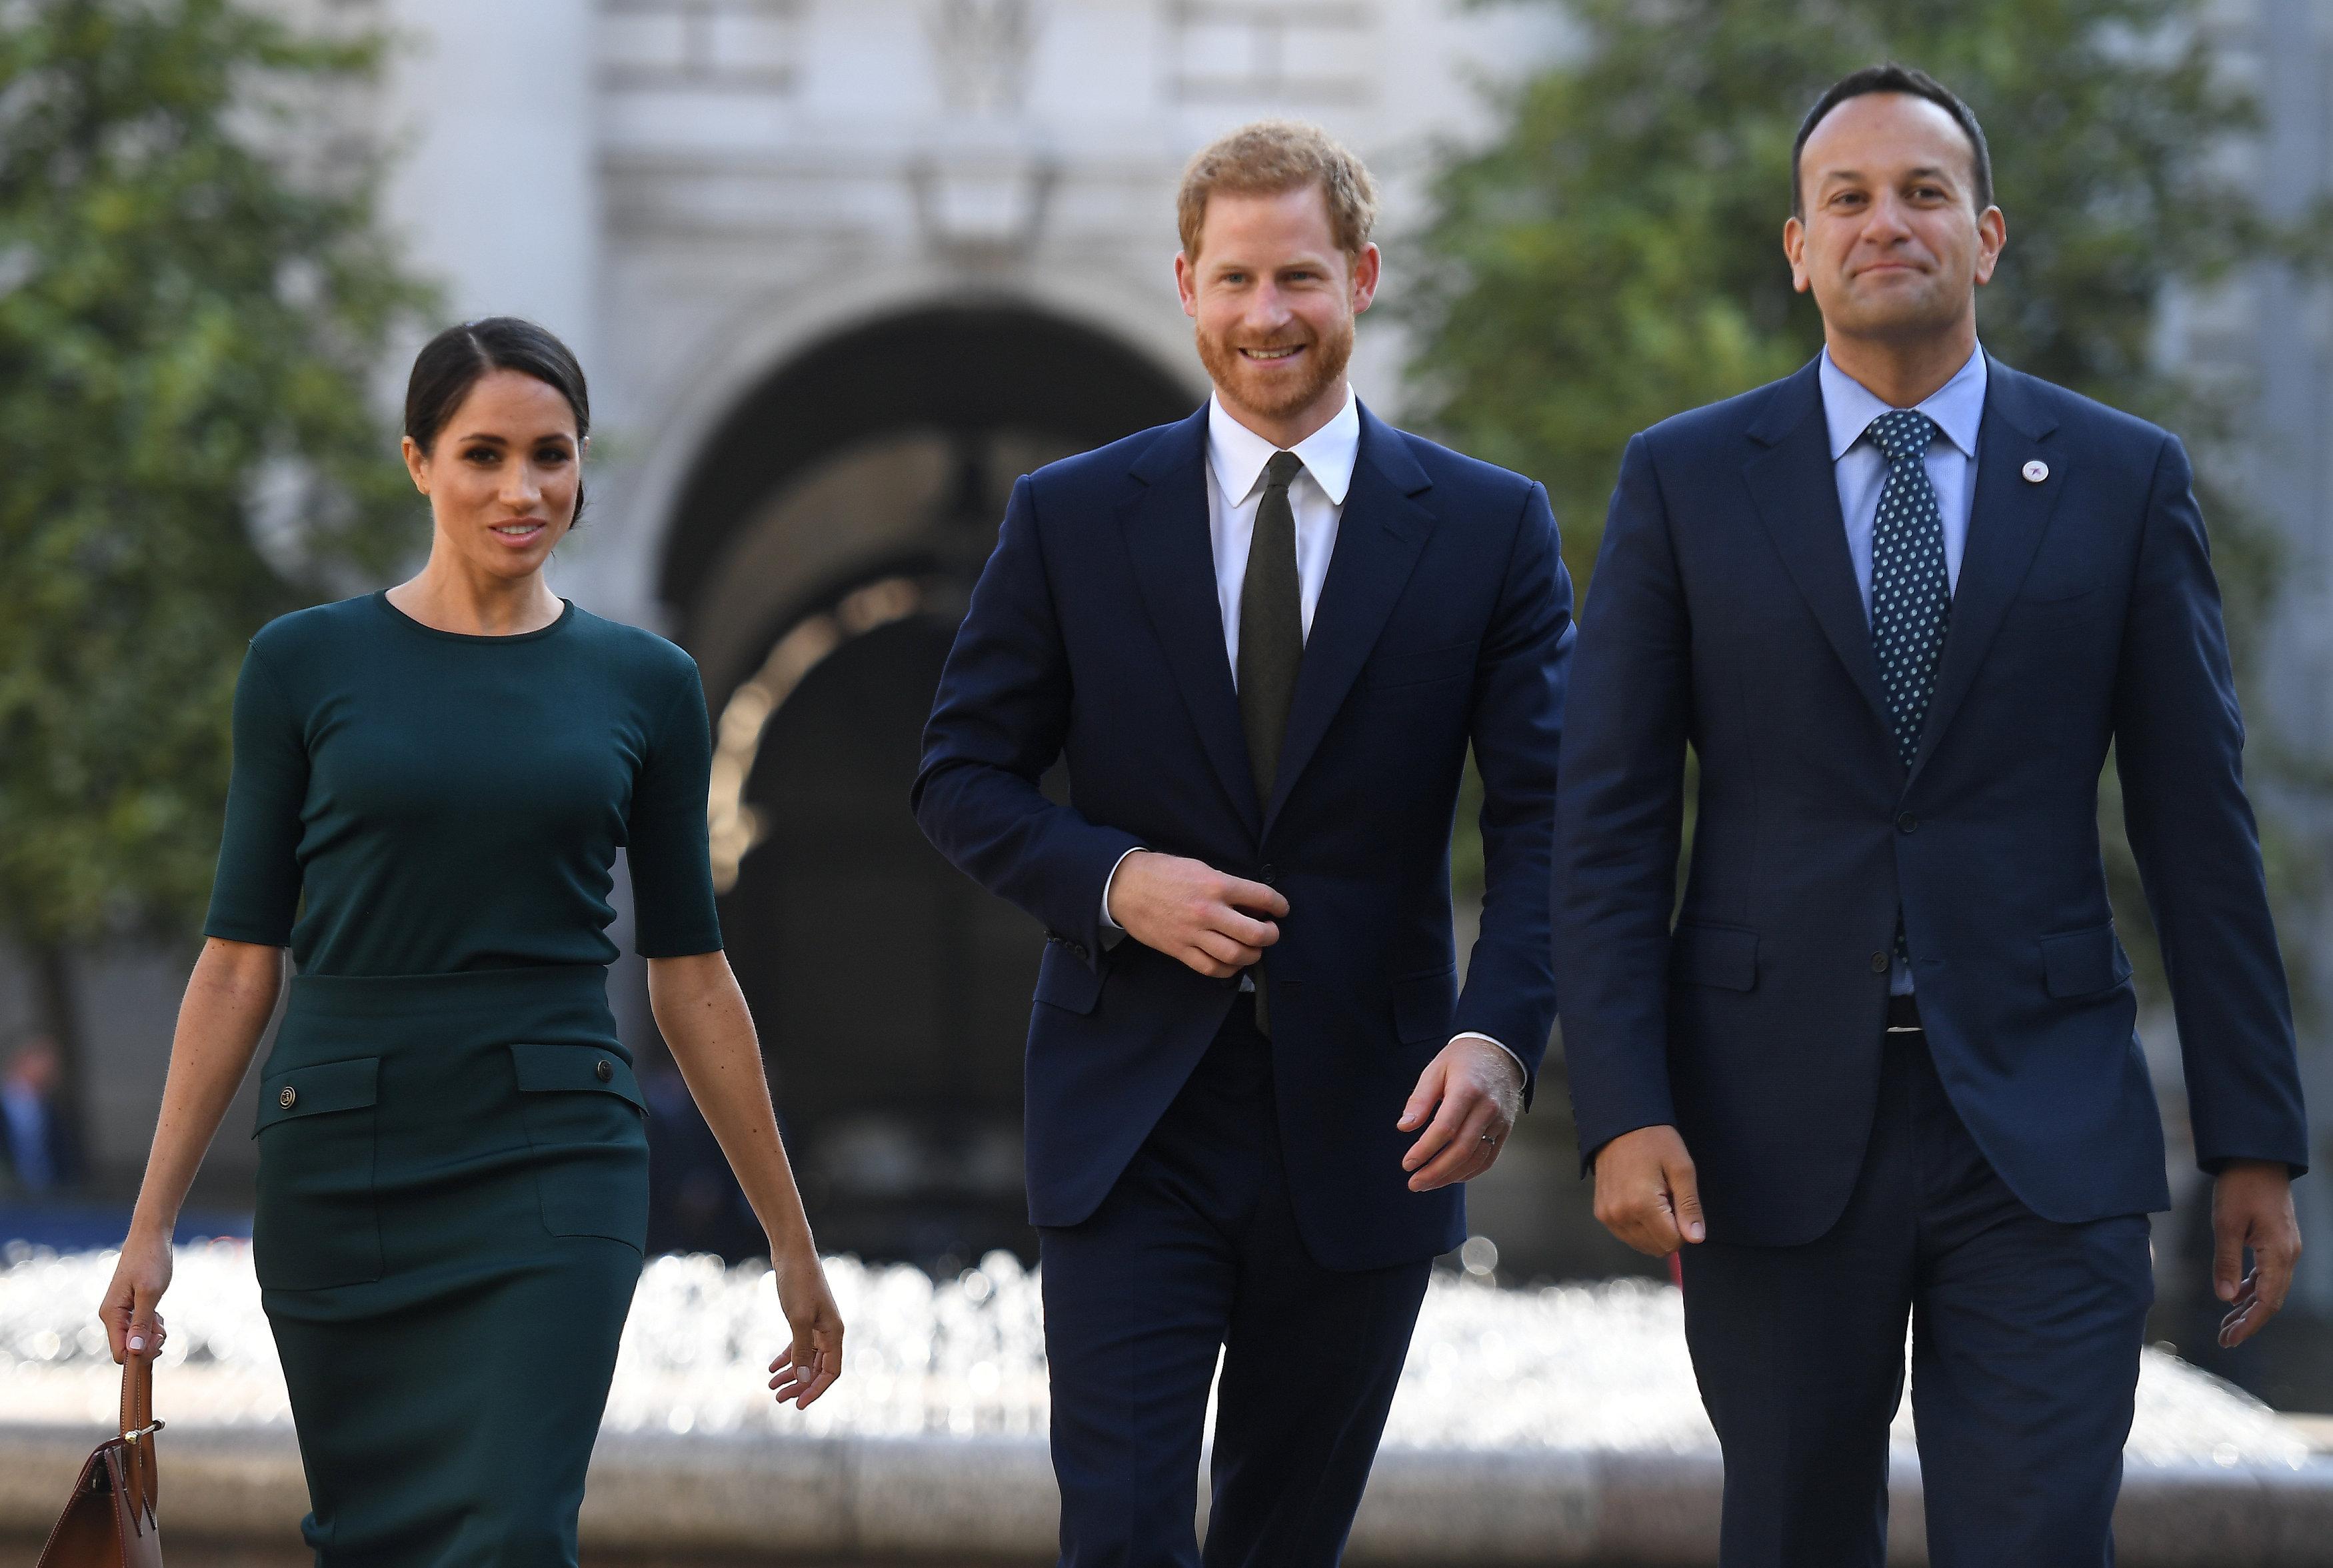 استقبال الأمير هارى وزوجته ميجان ماركل